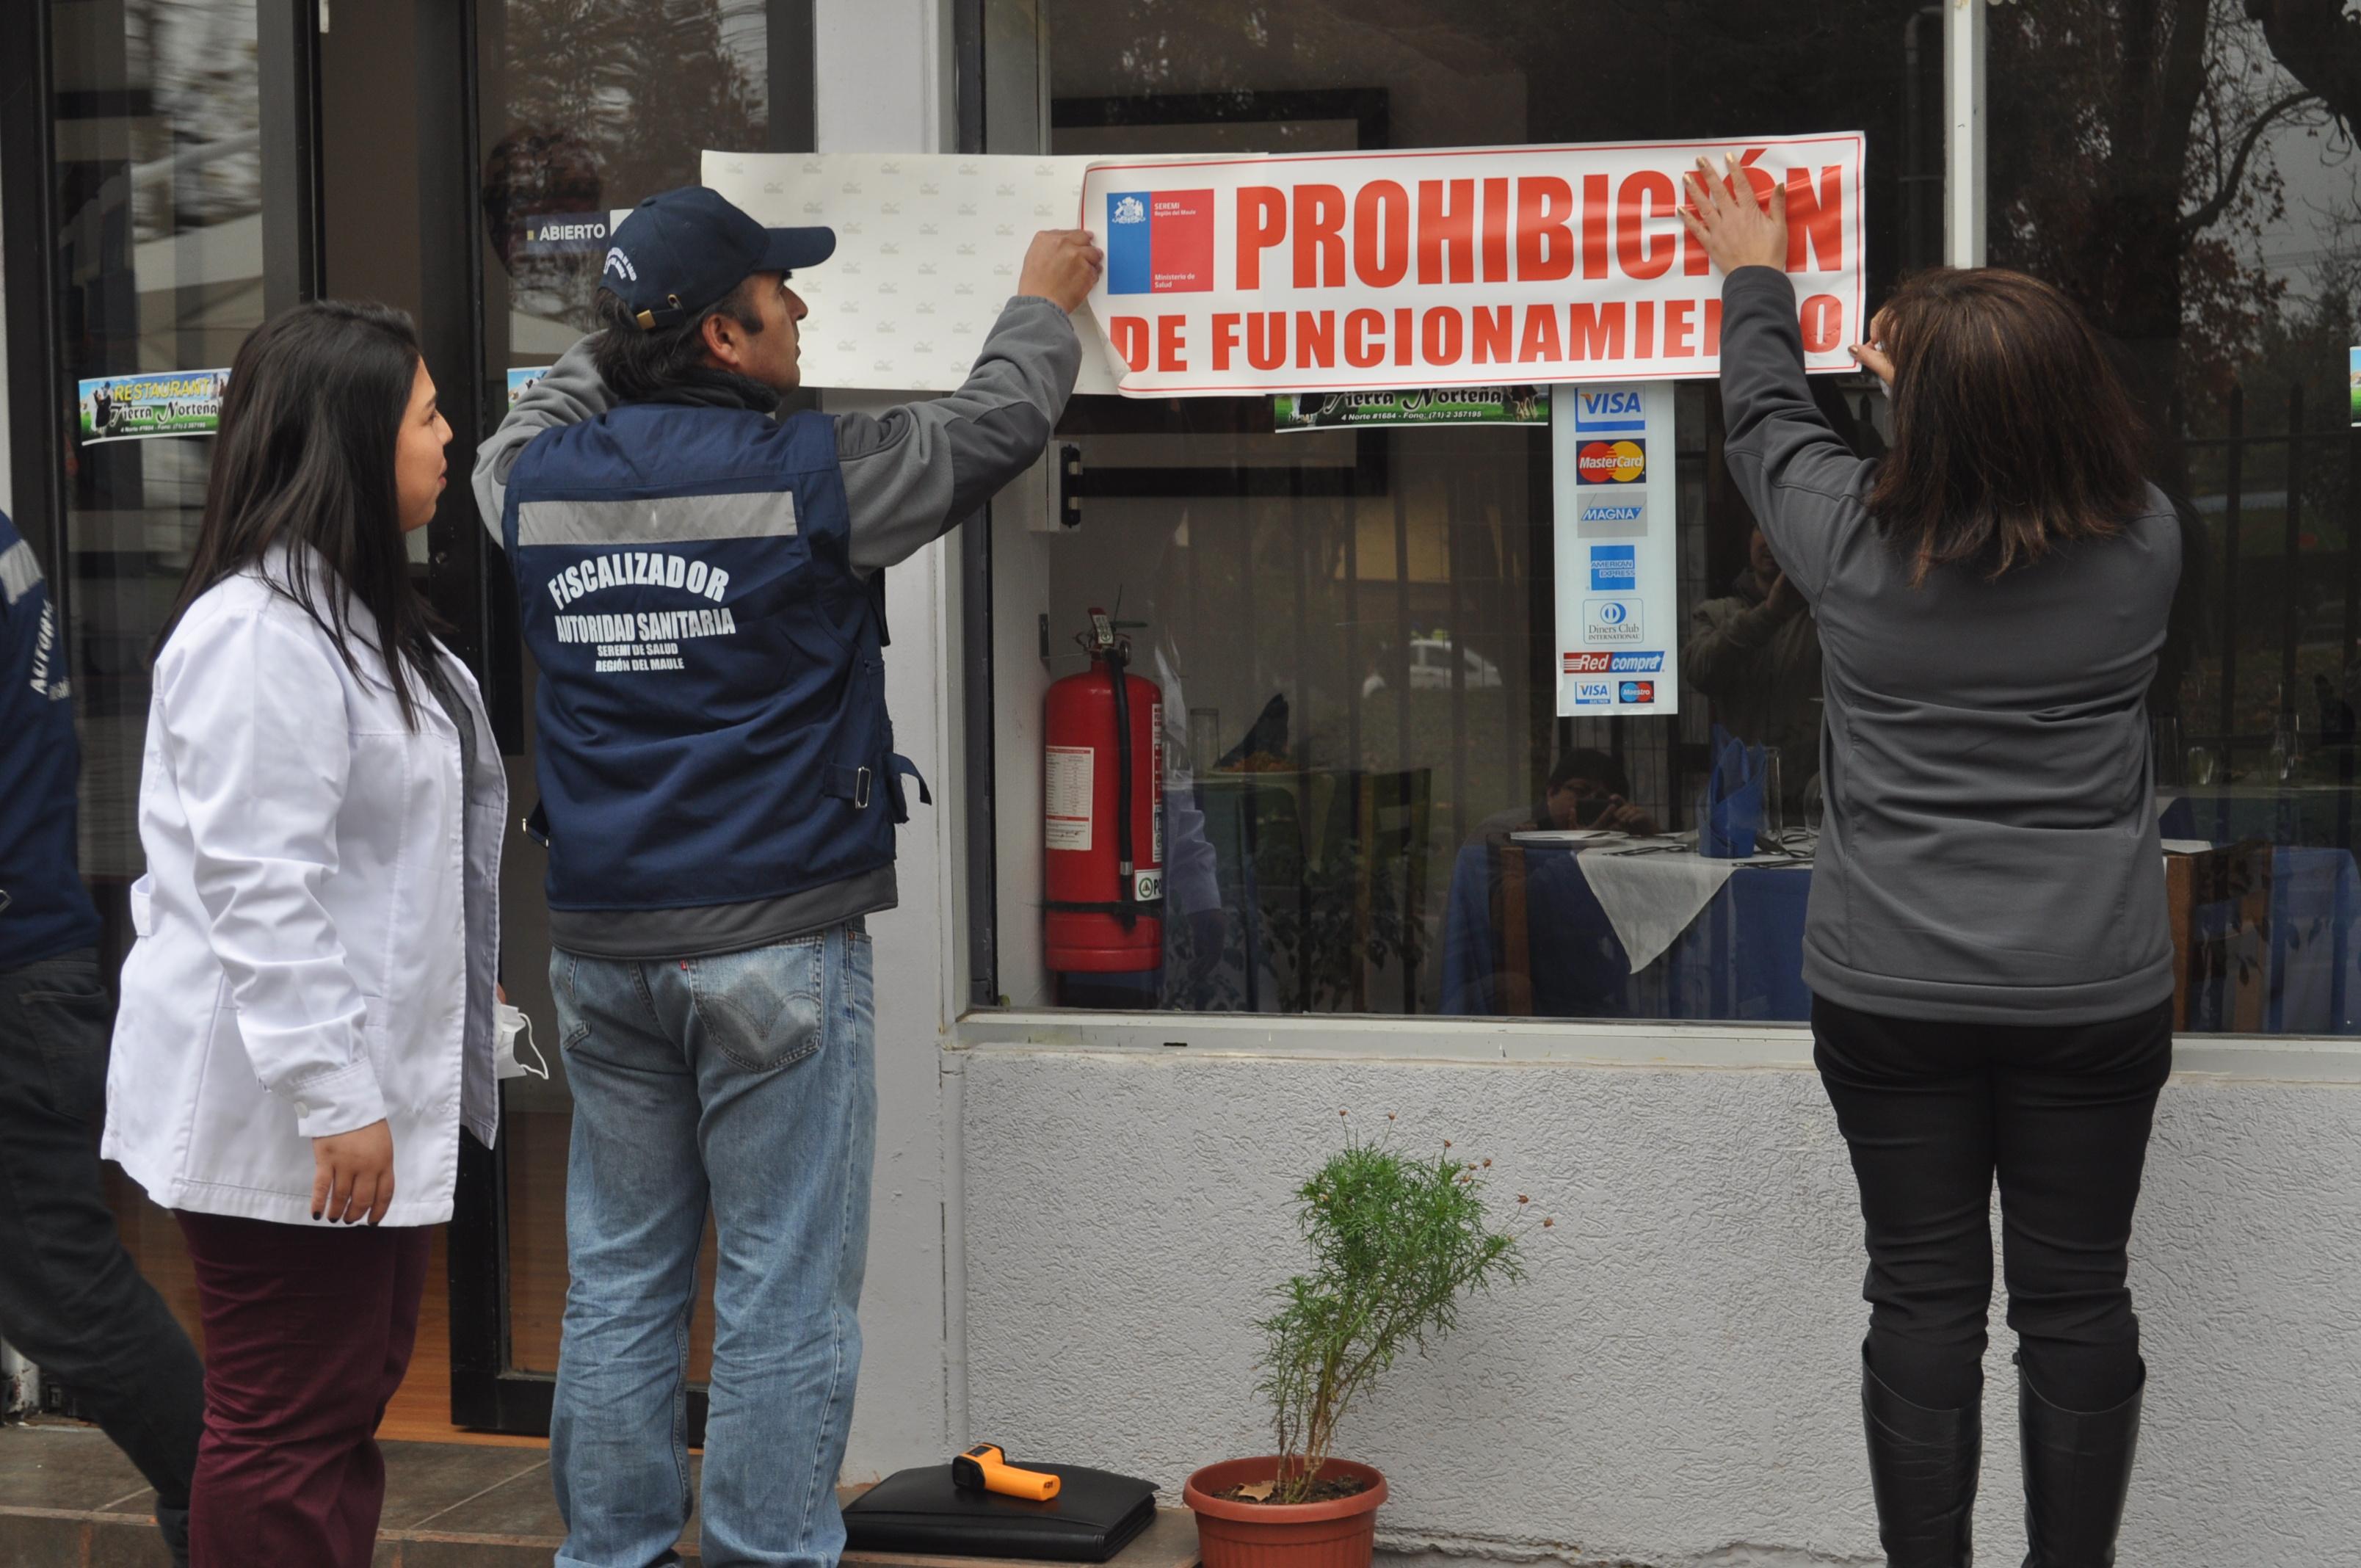 Prohiben funcionar a restaurantes peruanos en Talca